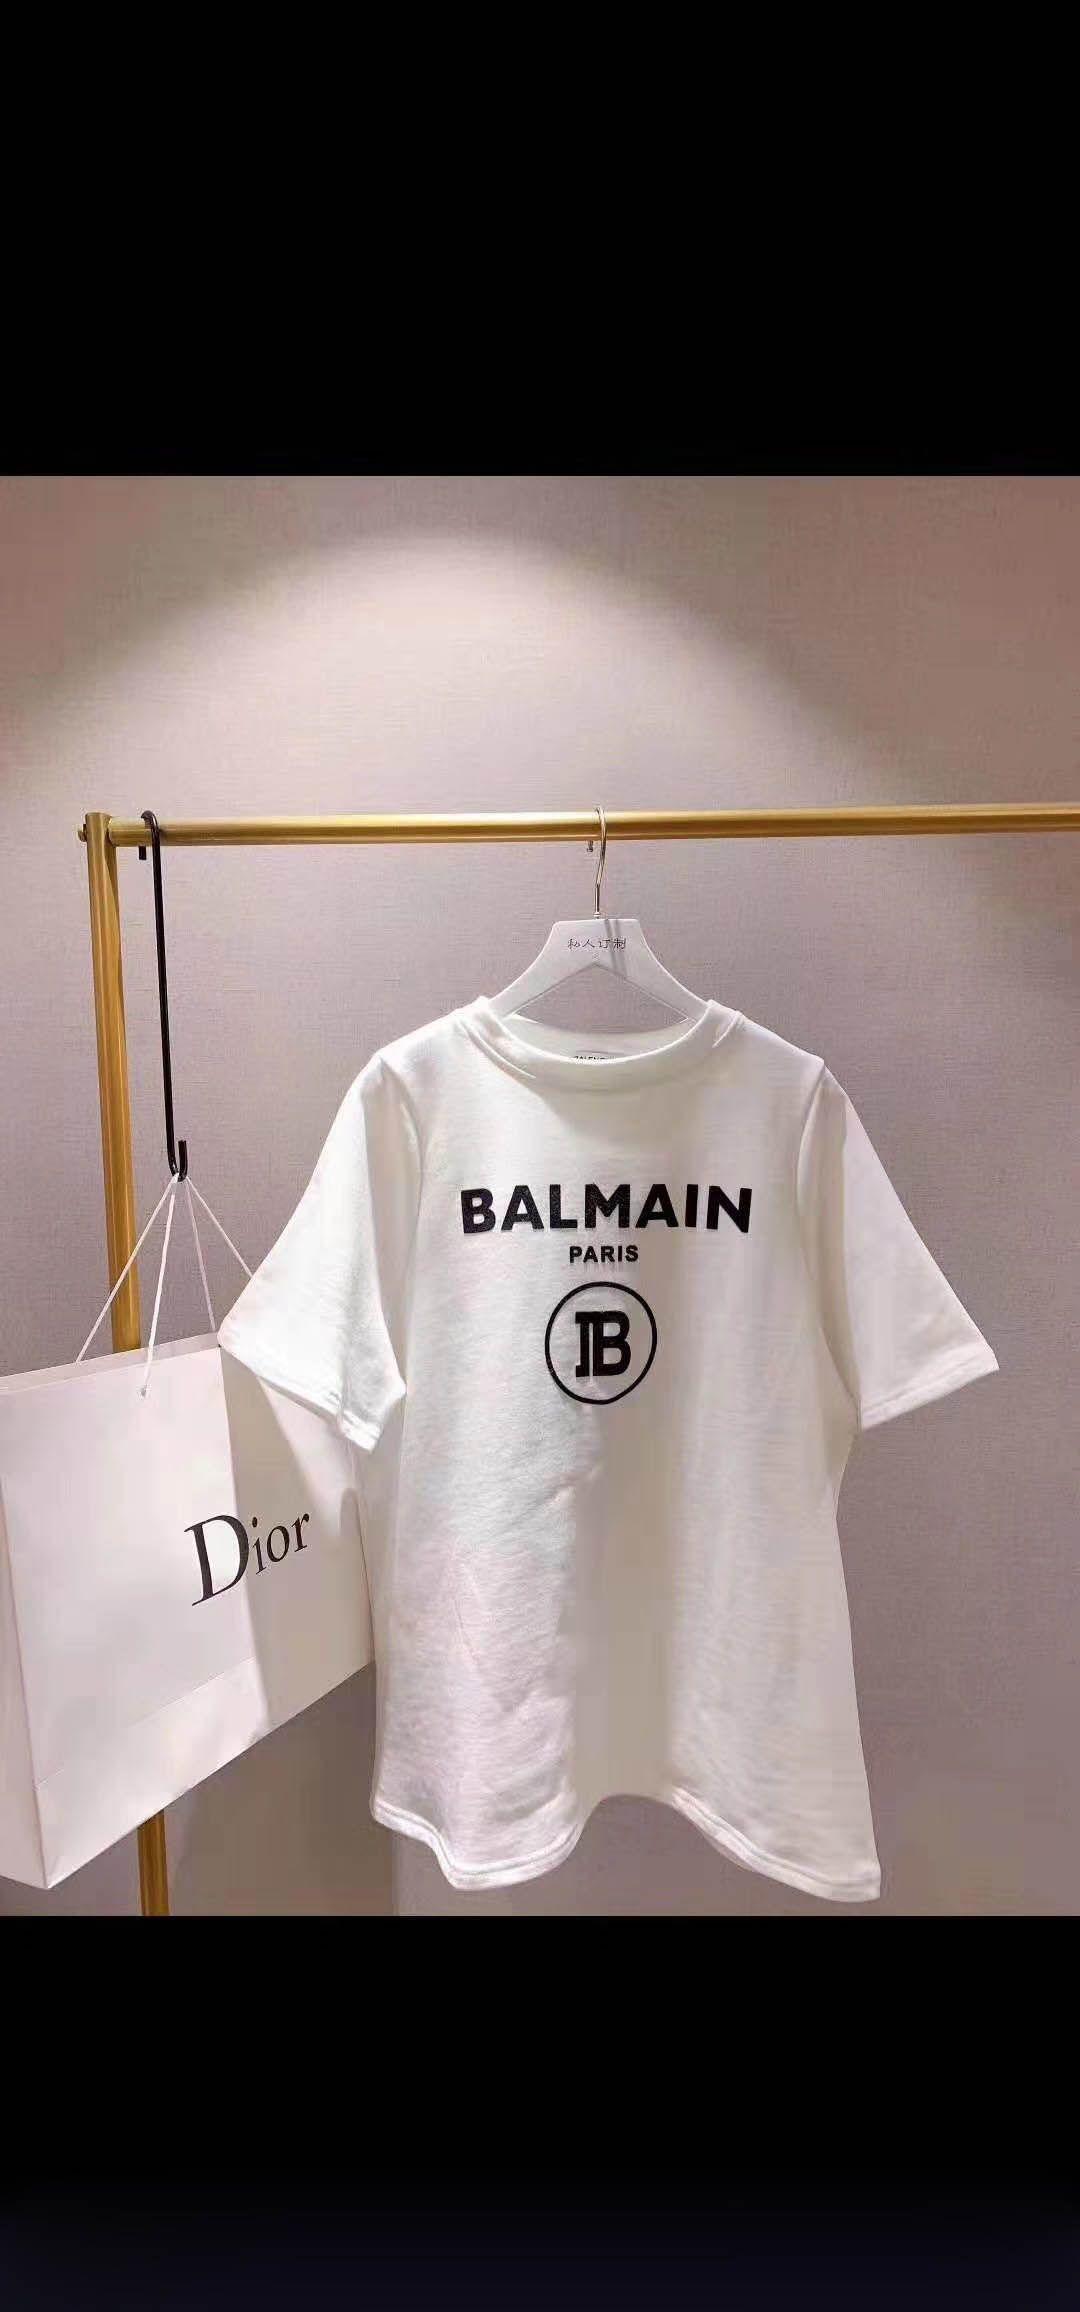 Оптовая BarrMan футболка BarrMan мужская мода футболка высокого класса мужчин и женщин, малый размер вокруг шеи короткий рукав S-2XL